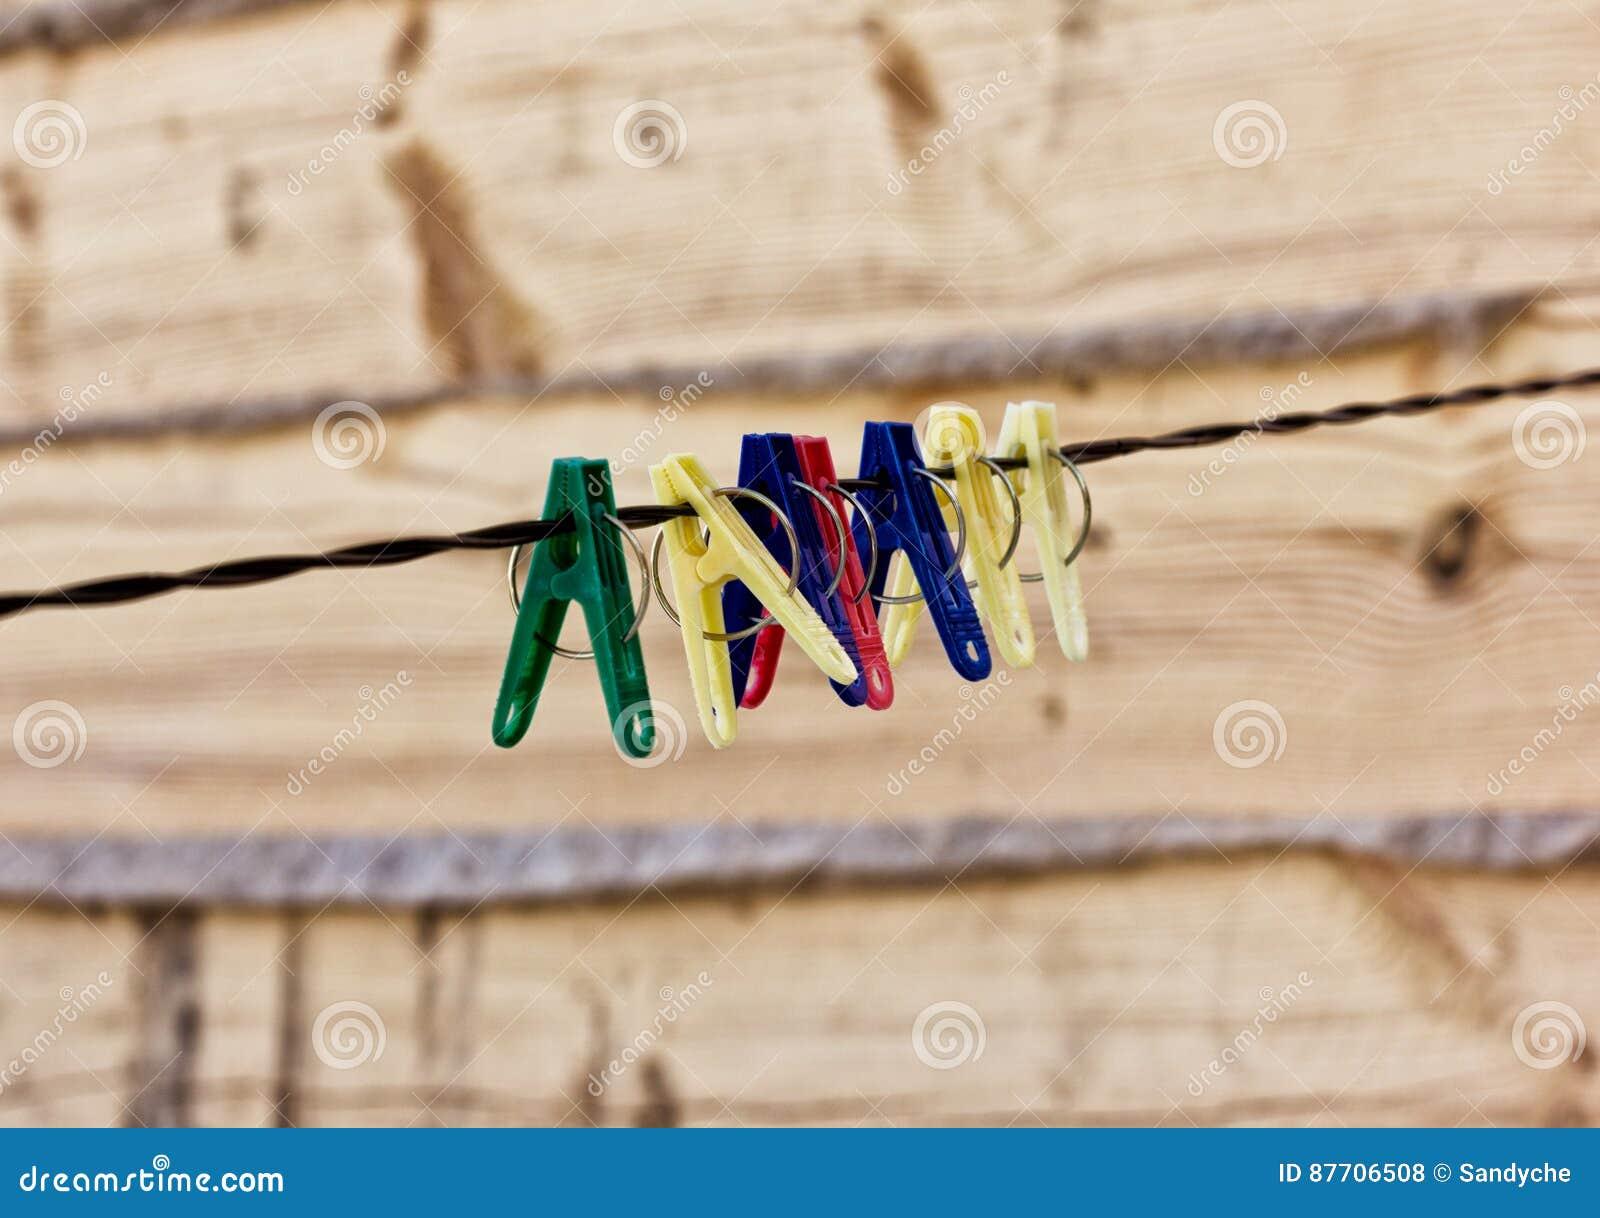 Pinces à linge en plastique sur une corde, fond de nature